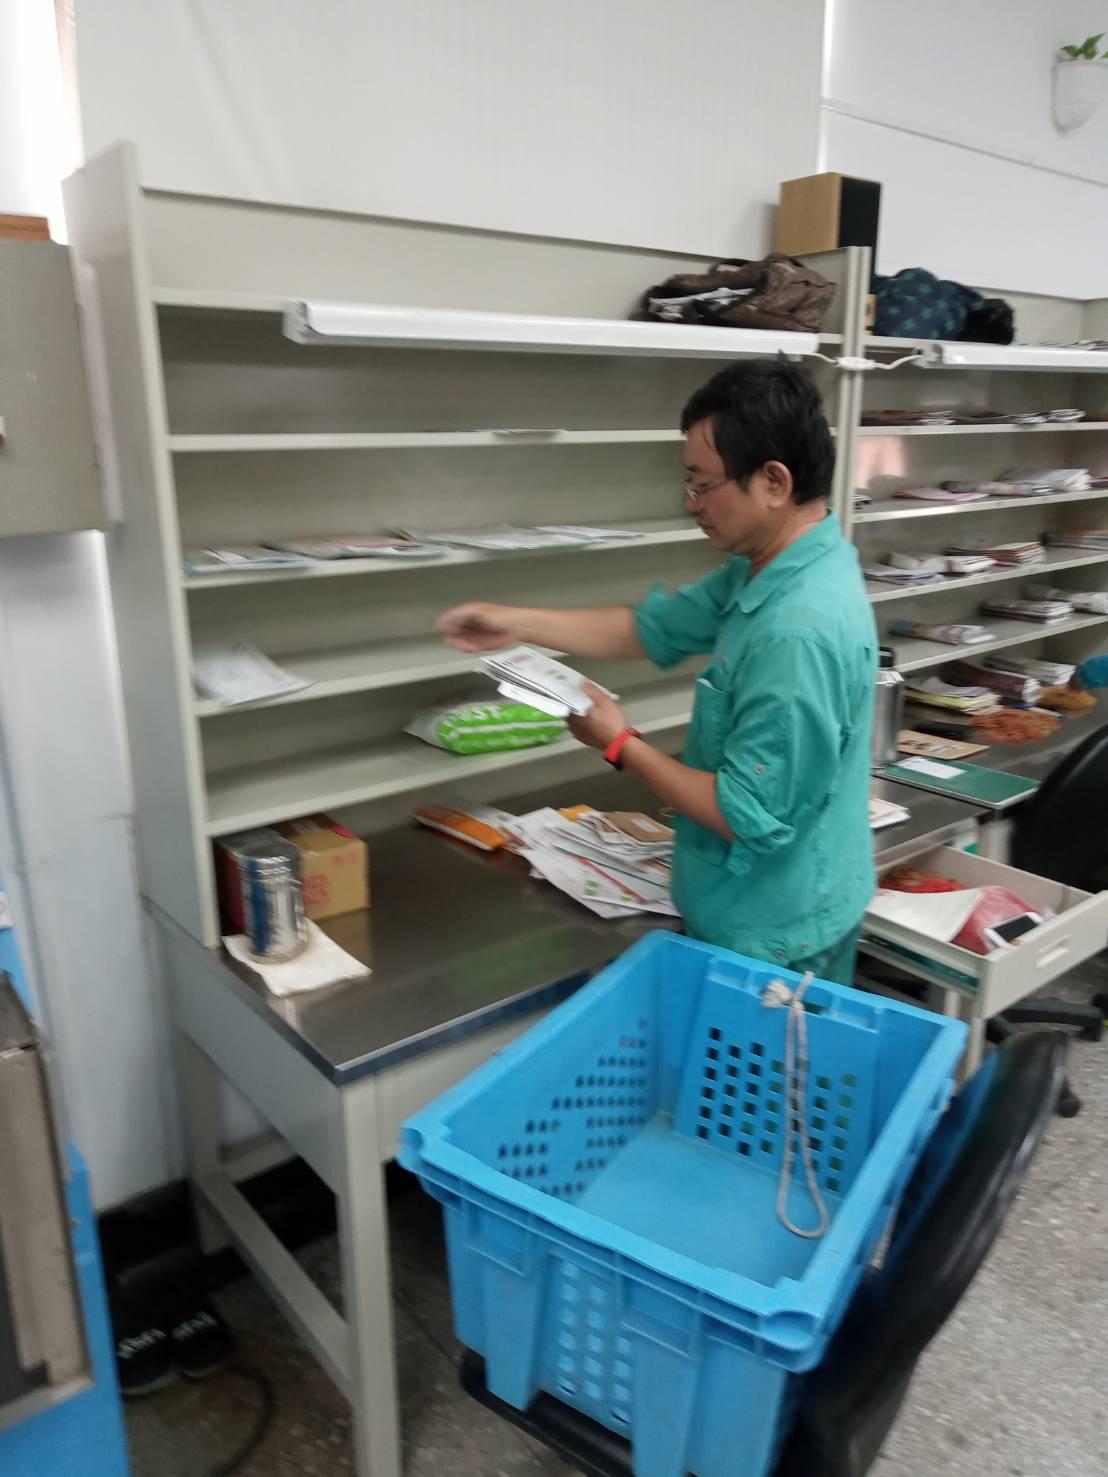 工作之餘推行郵政代售商品、簡易壽險,增進郵局業績。